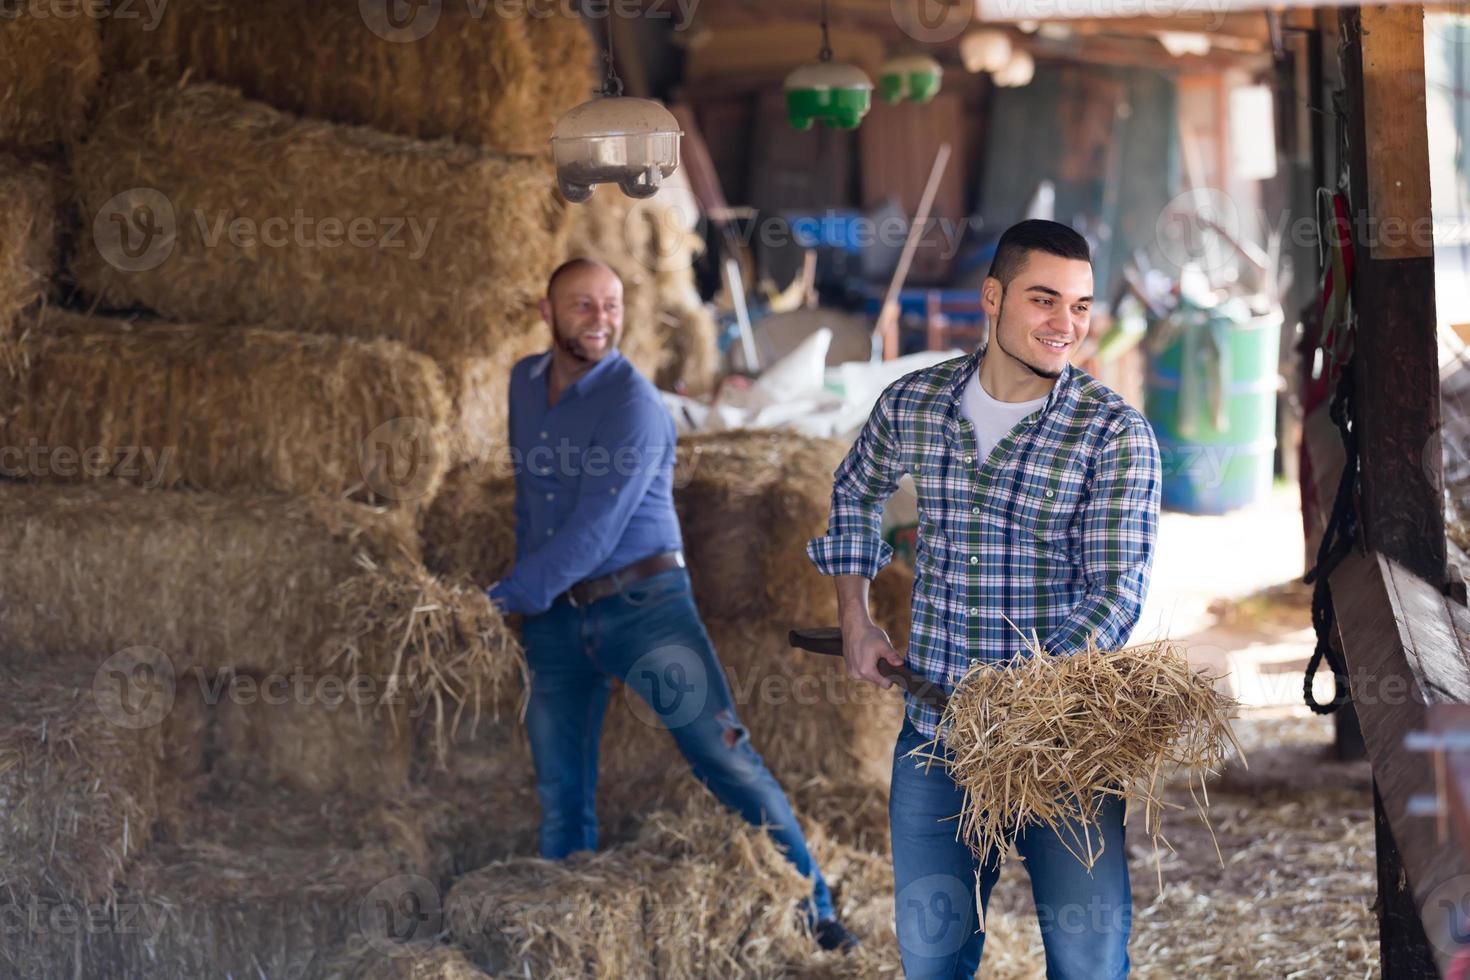 dos granjeros trabajando en granero foto